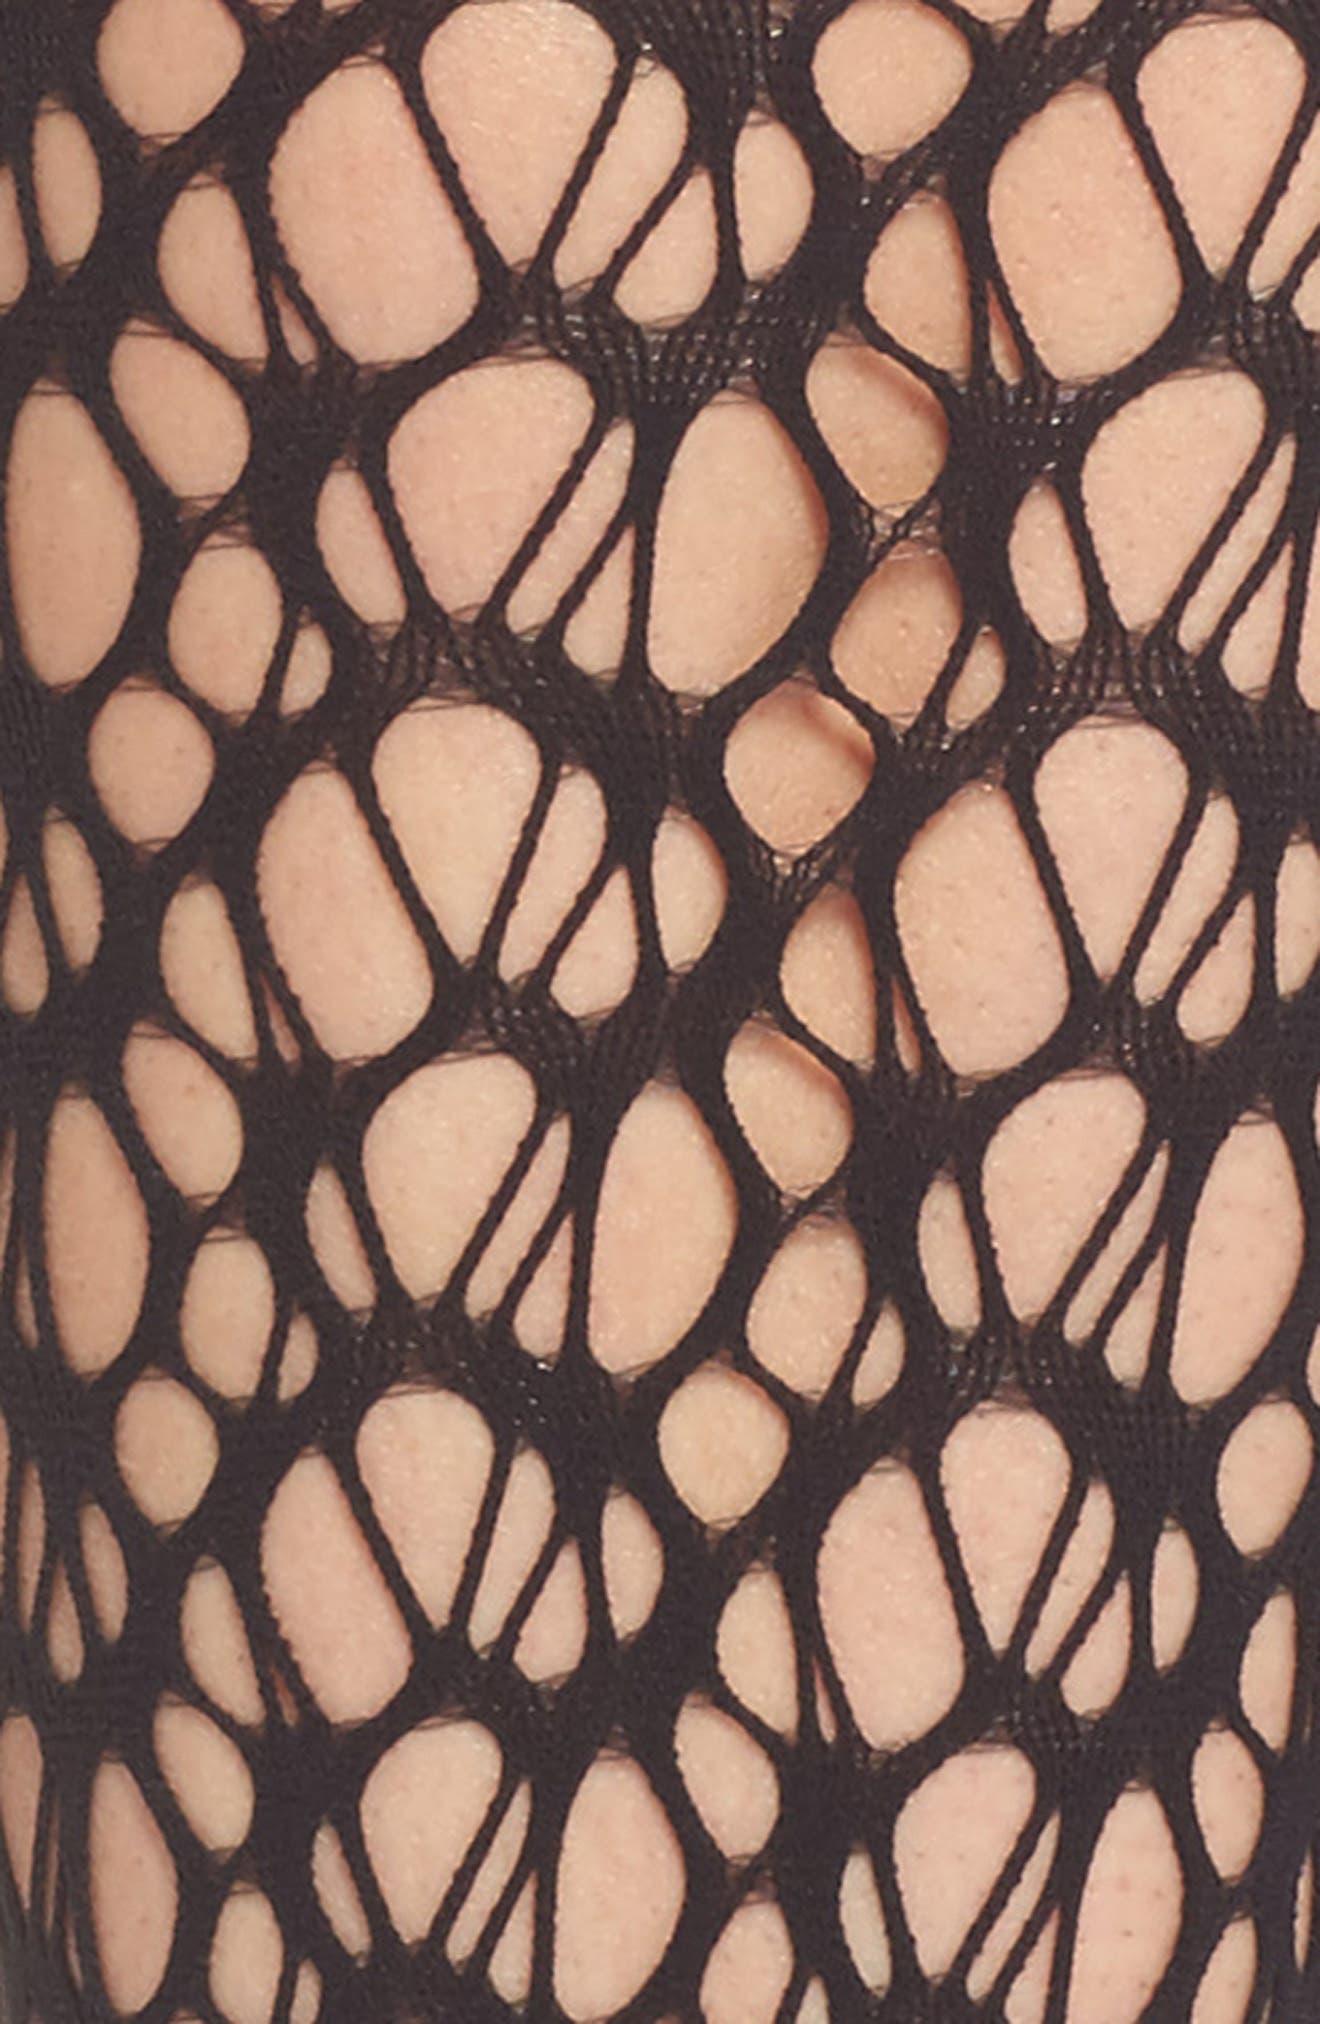 Net Knee High Stockings,                             Alternate thumbnail 2, color,                             Black